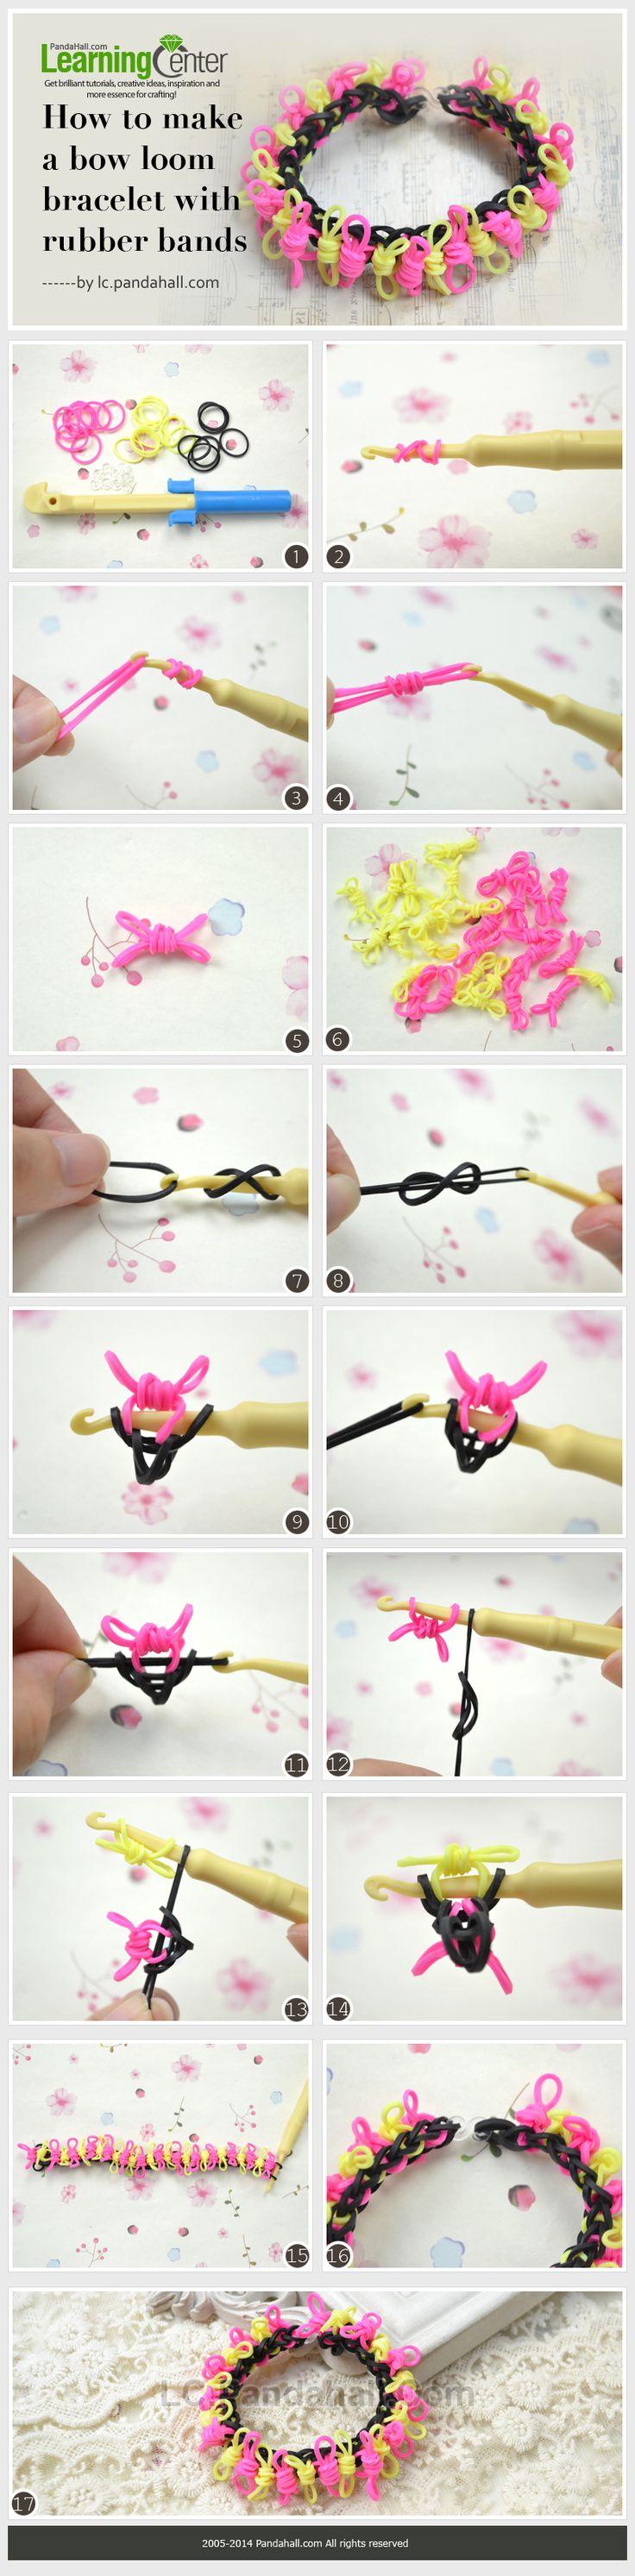 Como fazer um tear pulseira arco com elásticos